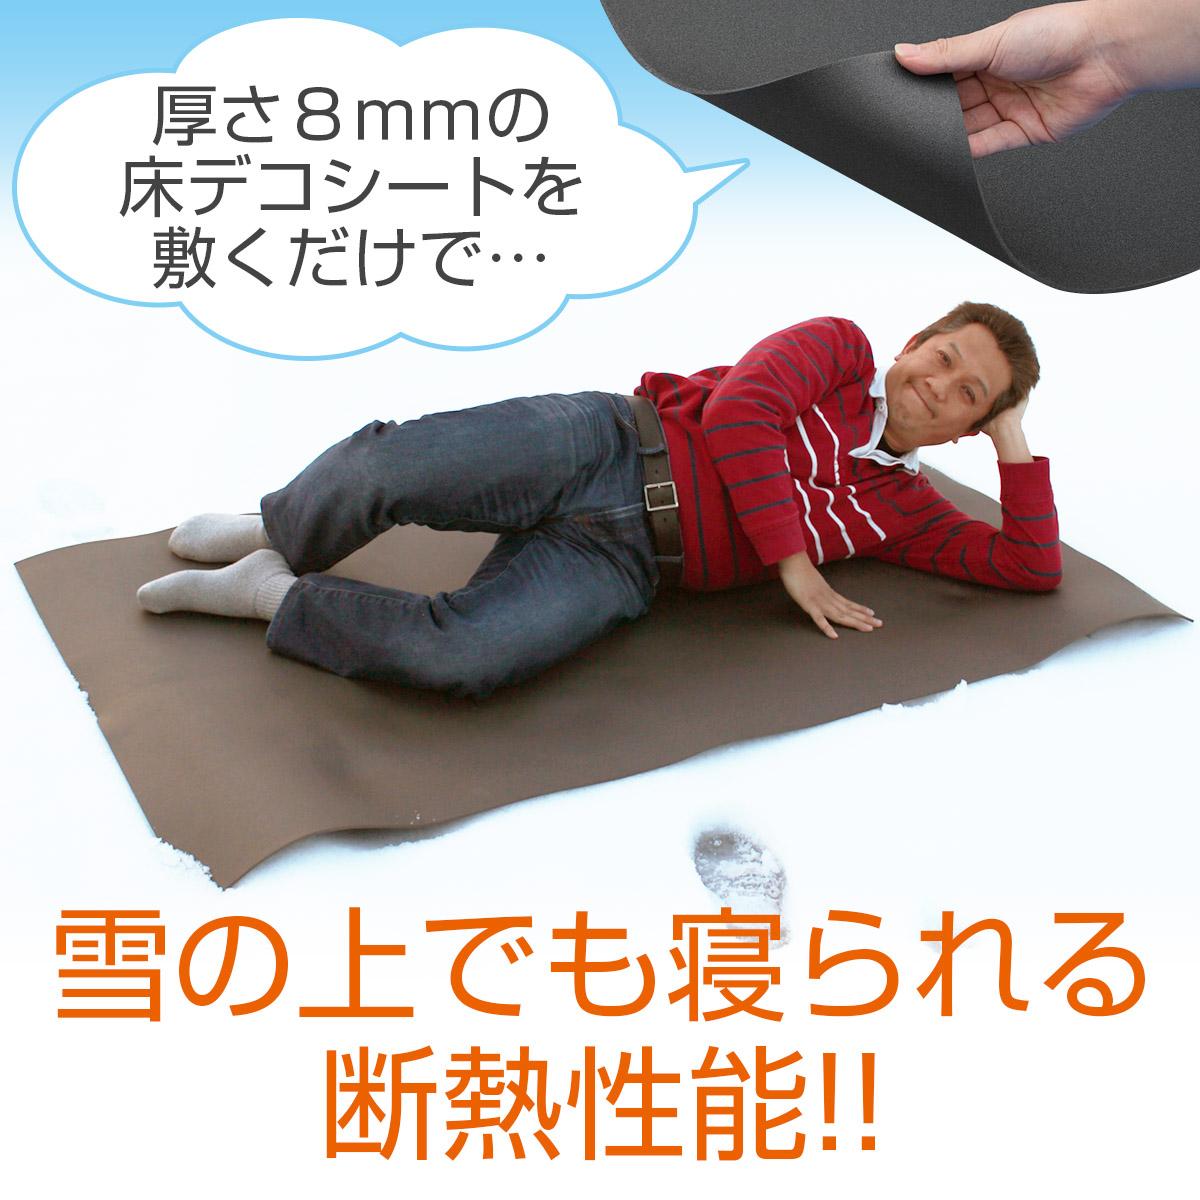 厚さ8ミリの床デコシート敷くだけで…雪の上でも寝られる断熱性能!